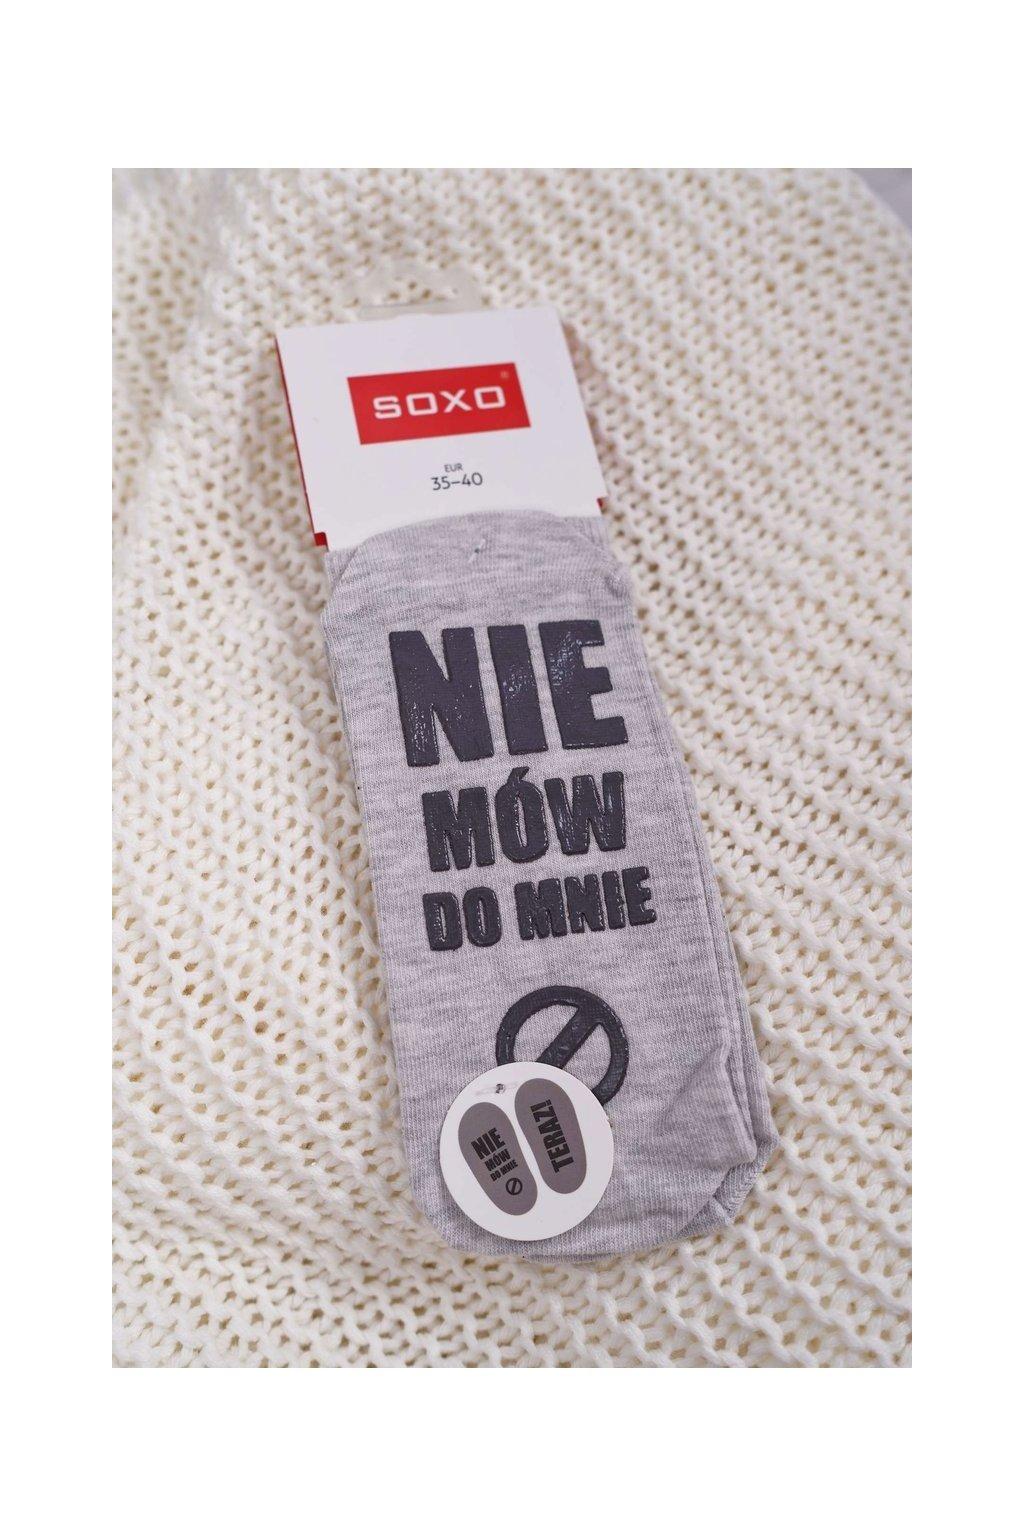 Dámske Ponožky SOXO s nápisem